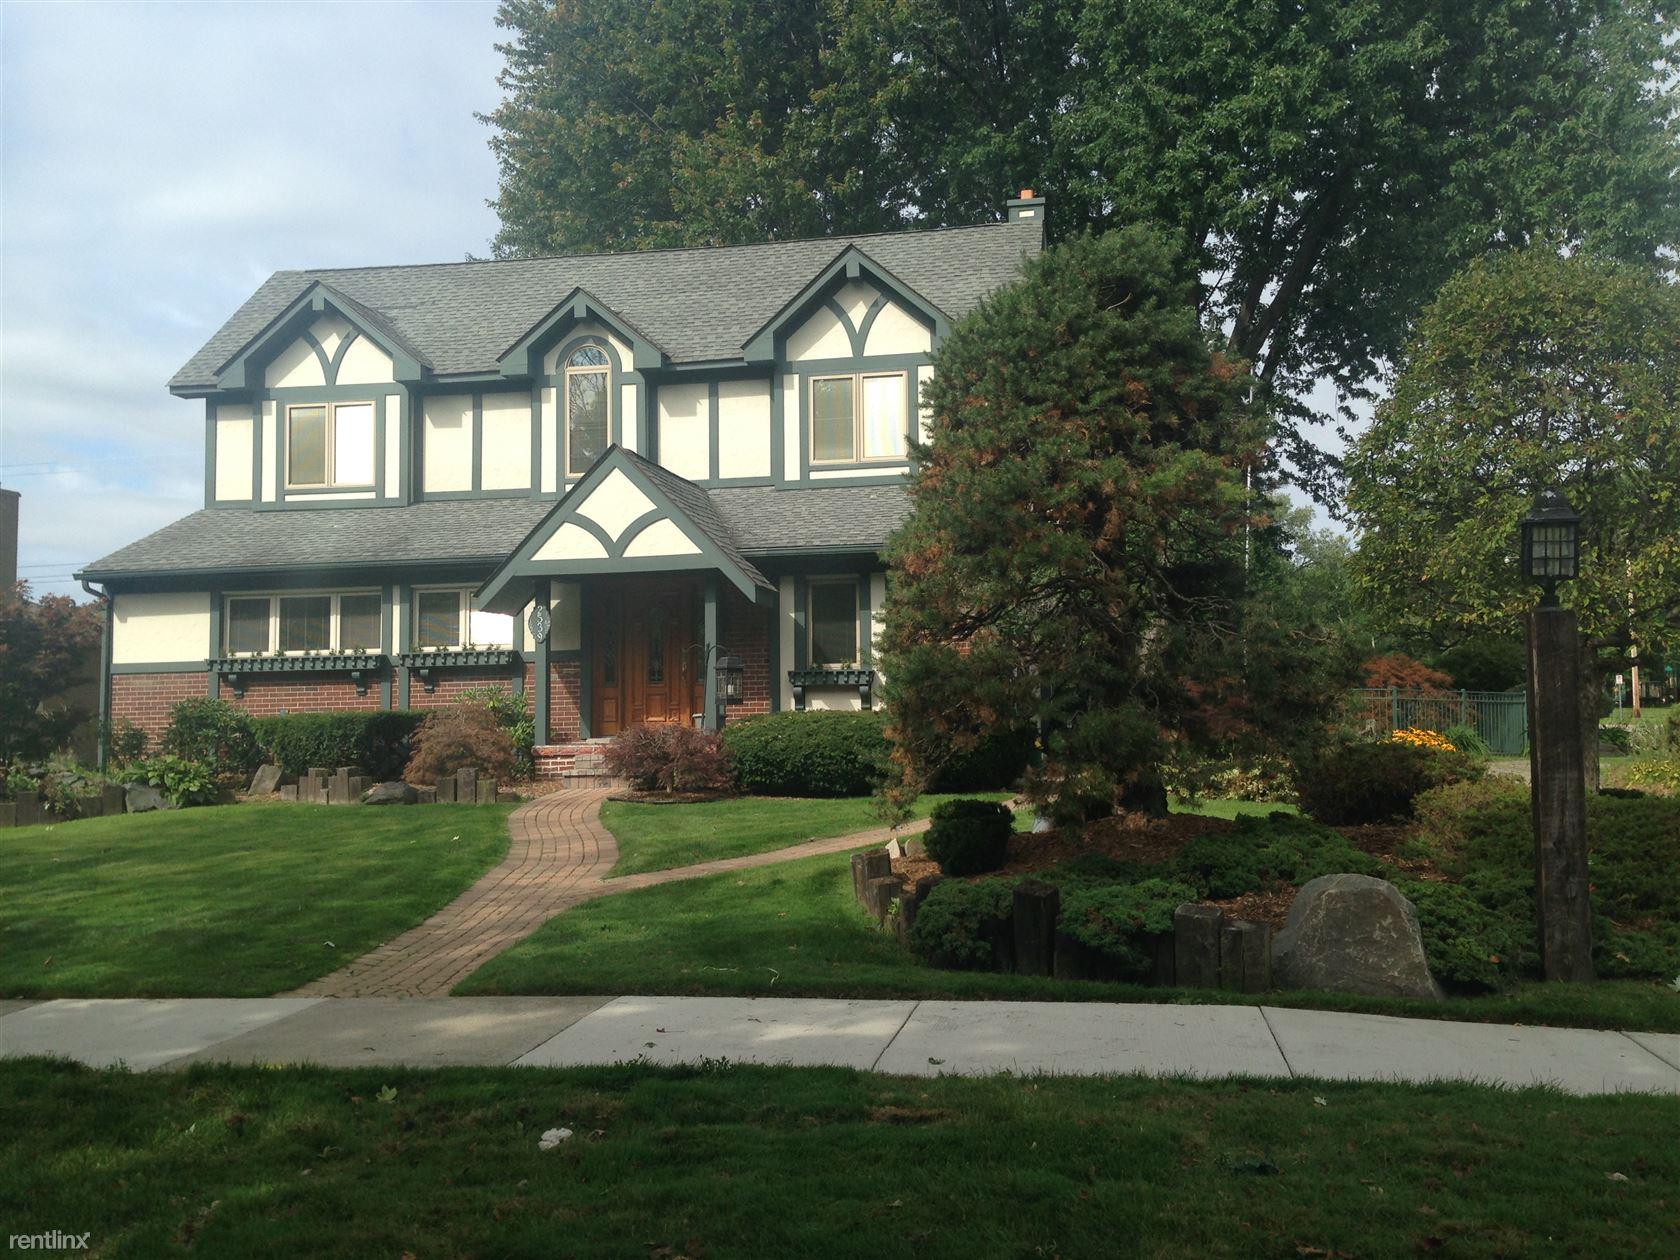 2539 N Vermont Ave, Royal Oak, MI - $2,995